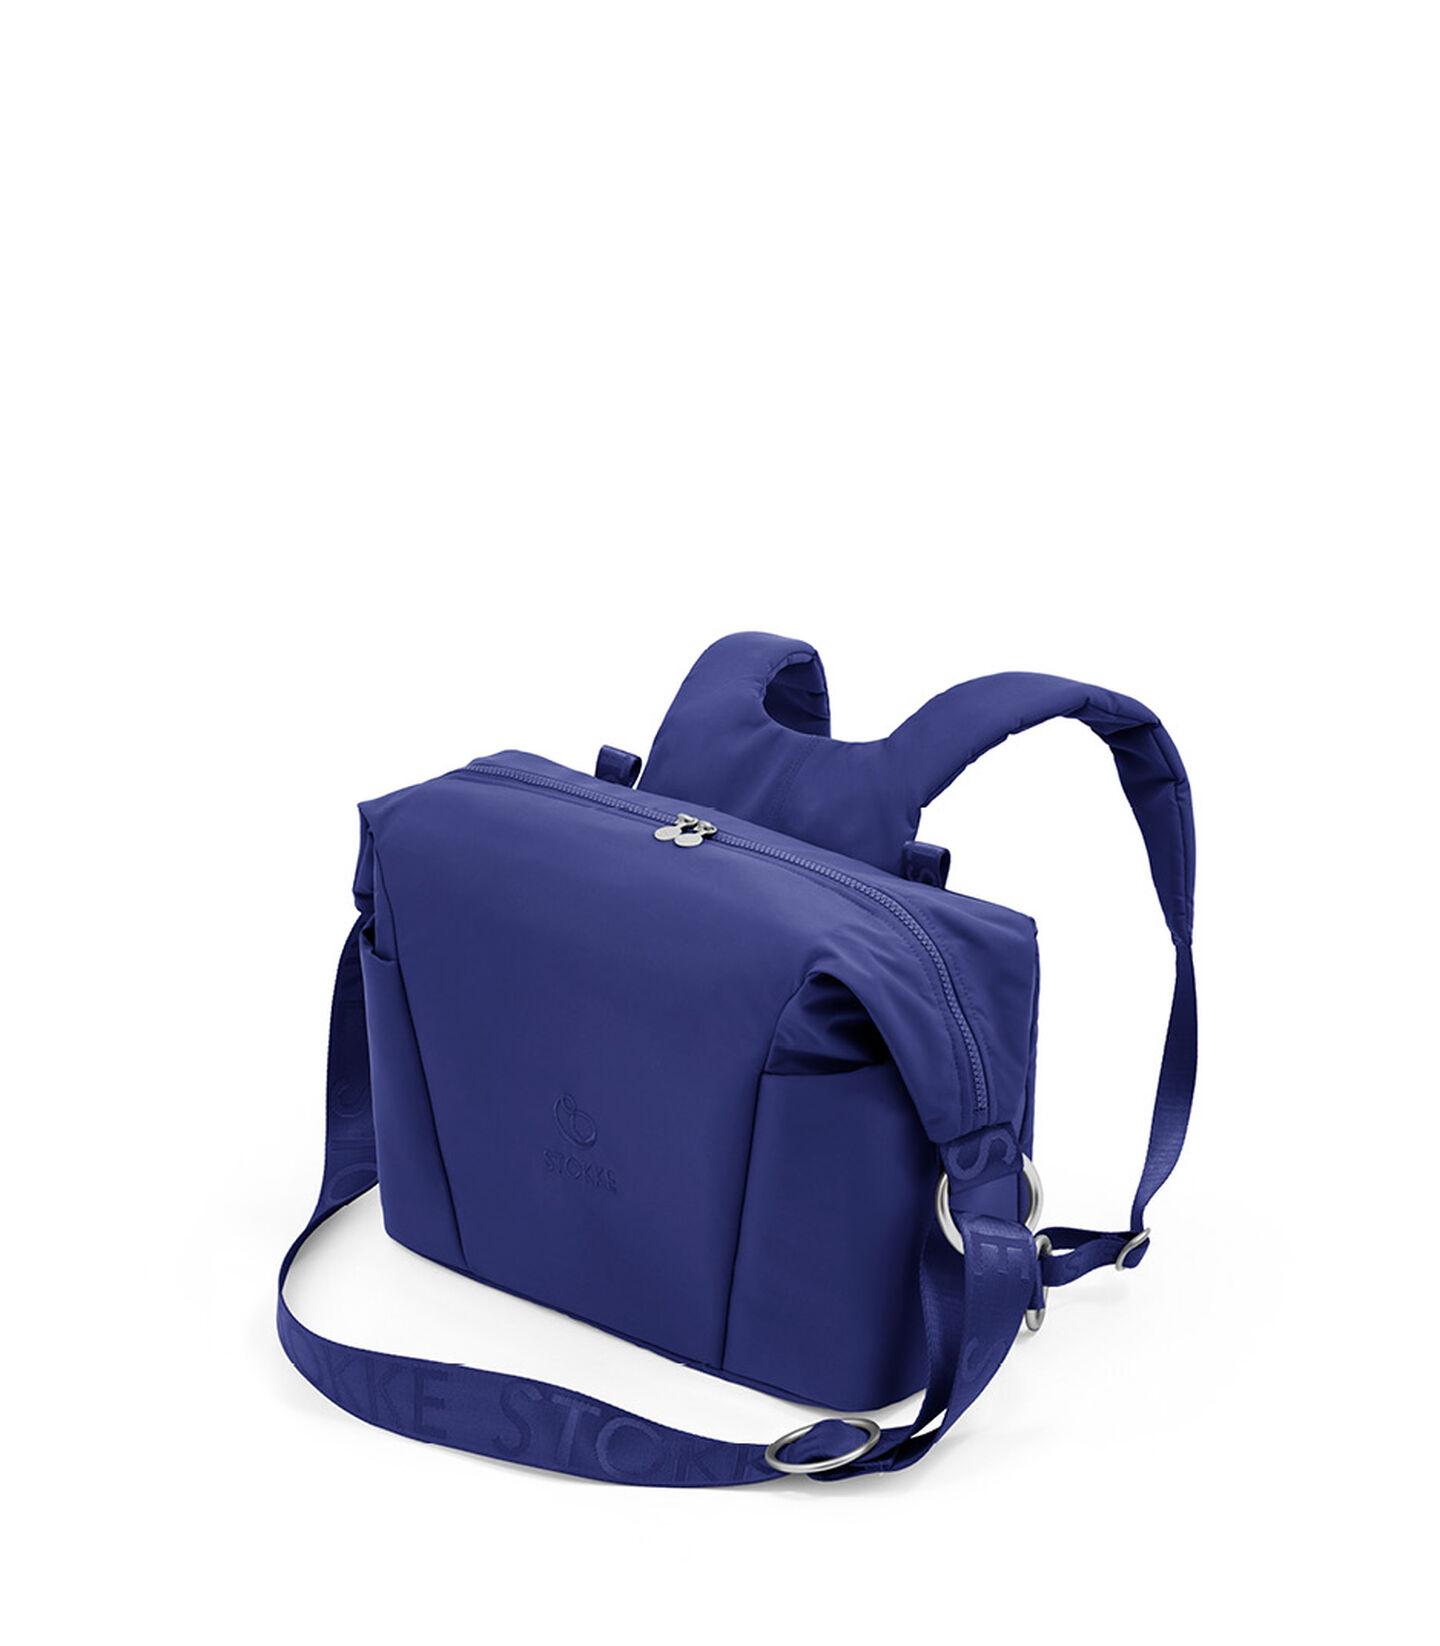 Stokke® Xplory® stelleveske Royal Blue, Royal Blue, mainview view 1